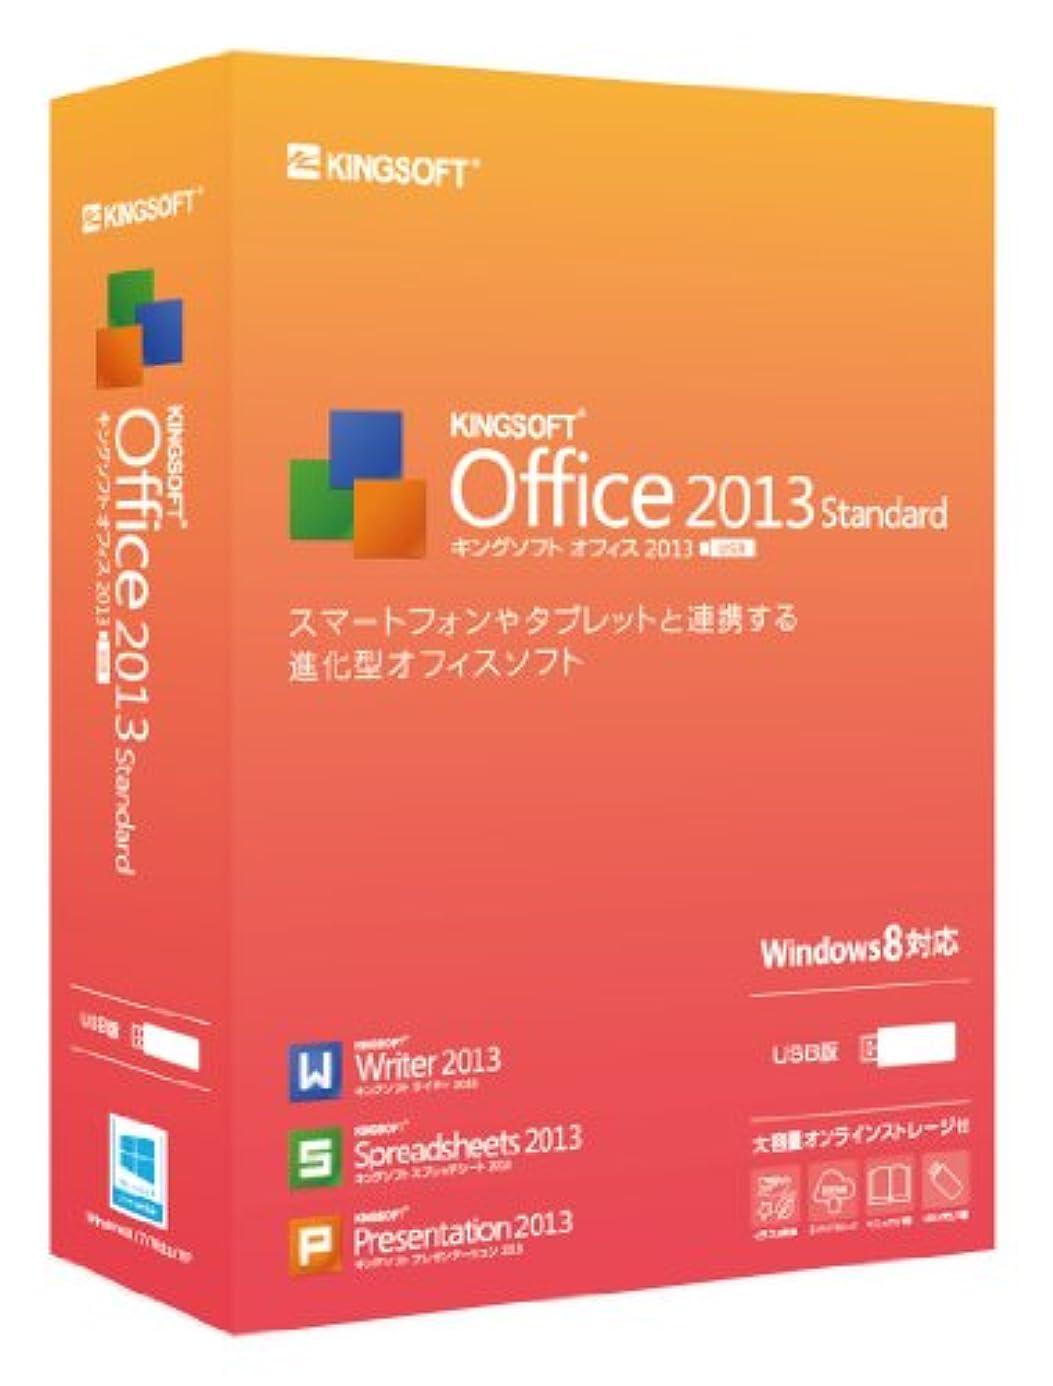 浪費疎外する郵便局KINGSOFT Office 2013 Standard パッケージ USB起動版